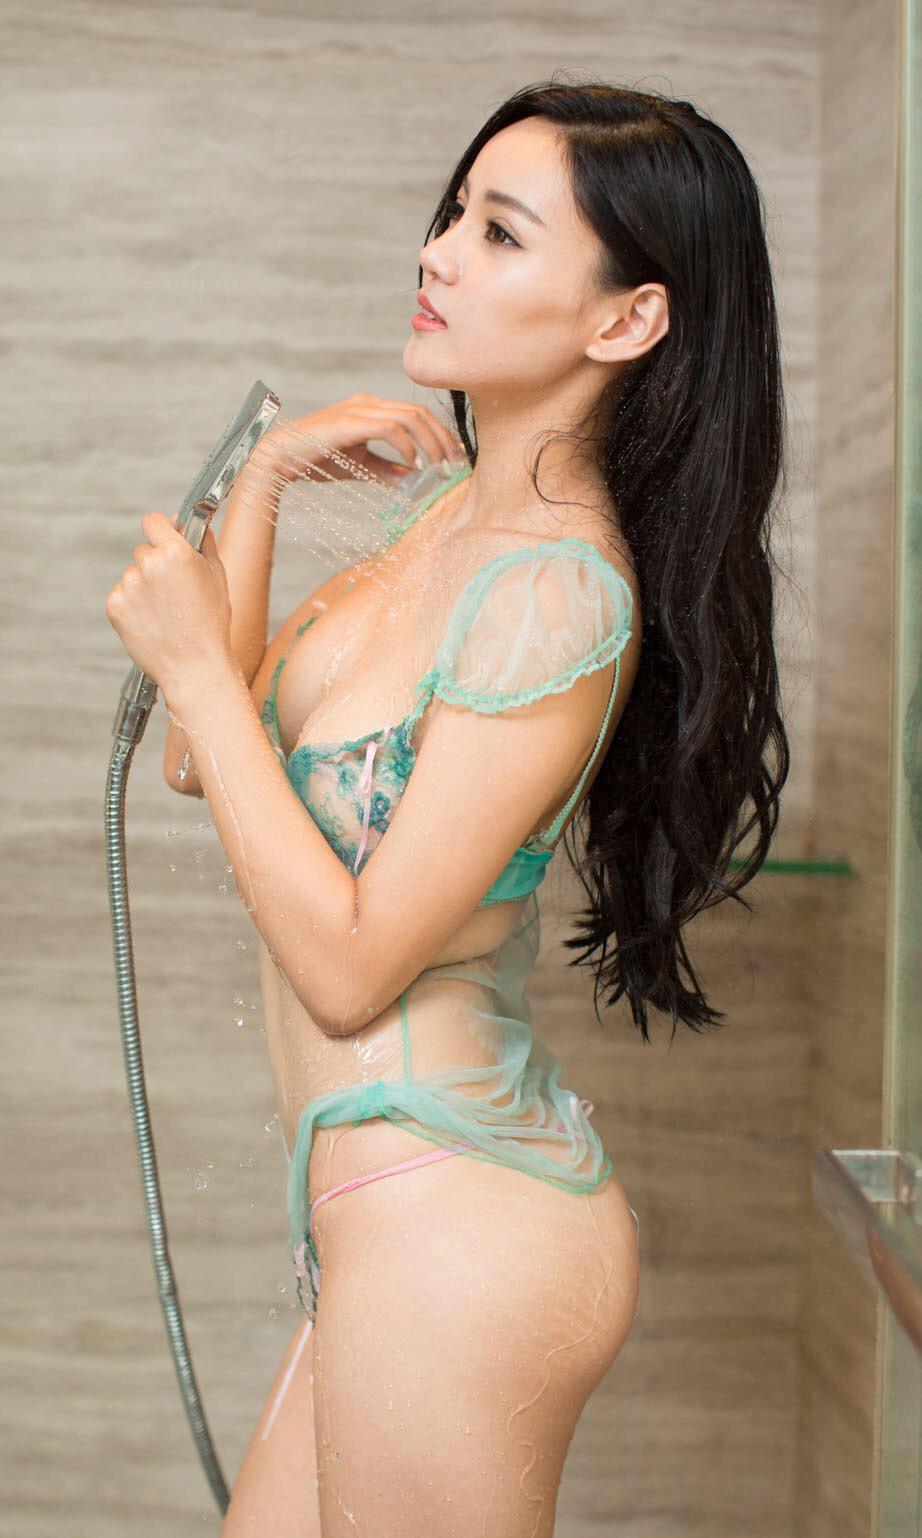 Topless blon babes fuk nud